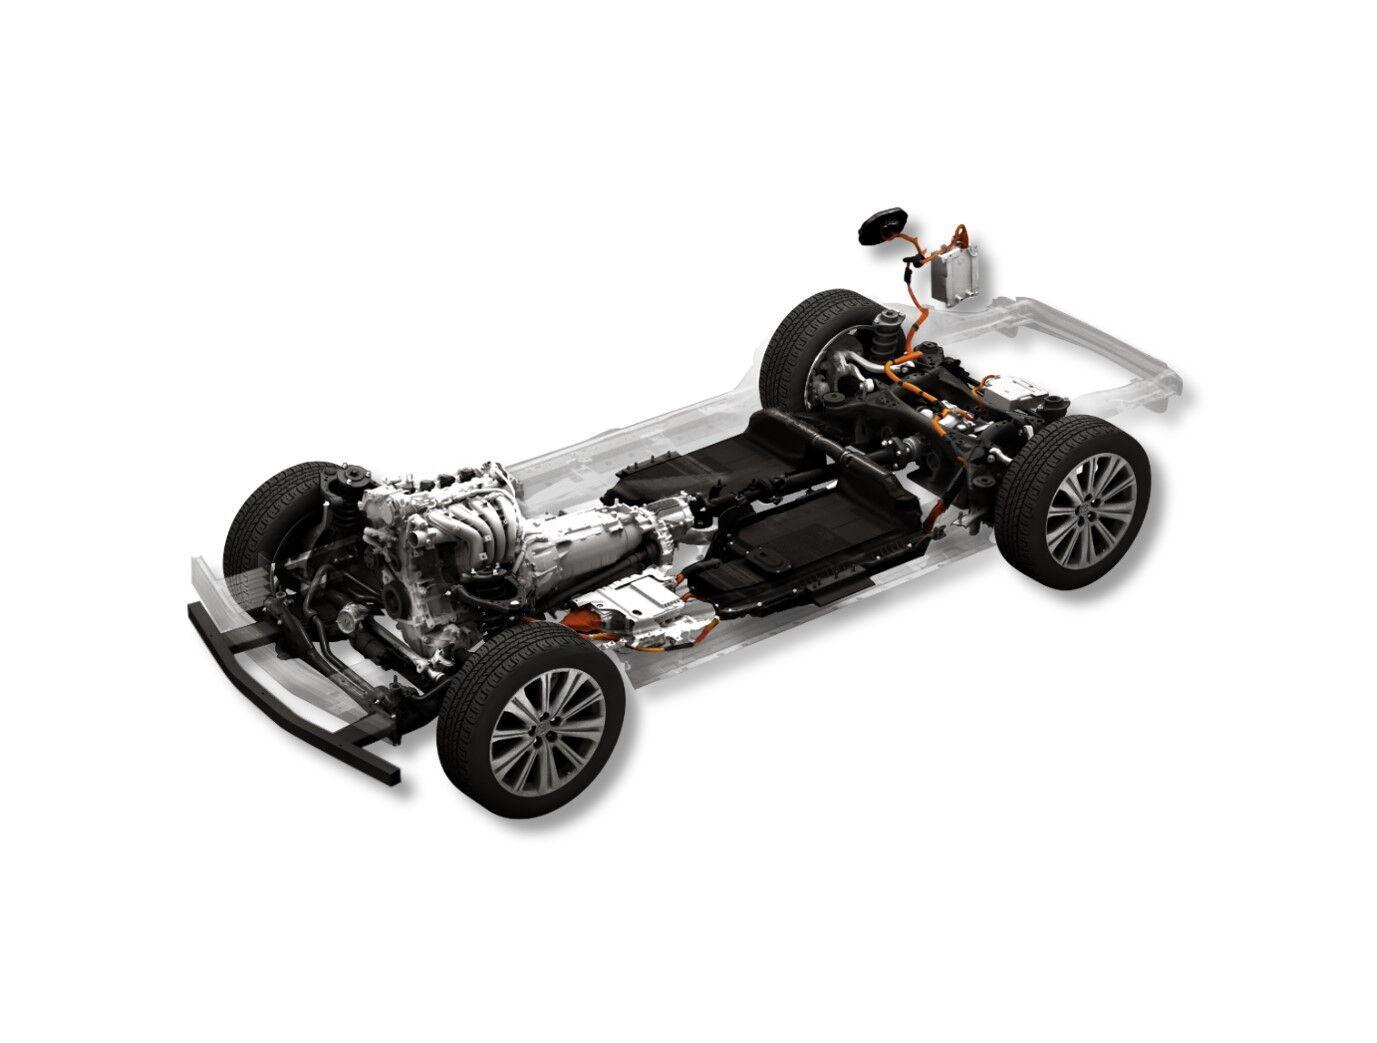 Нова модельна платформа Skyactiv дозволяє будувати автомобілі з ДВС, гібриди, PHEV та електромобілі